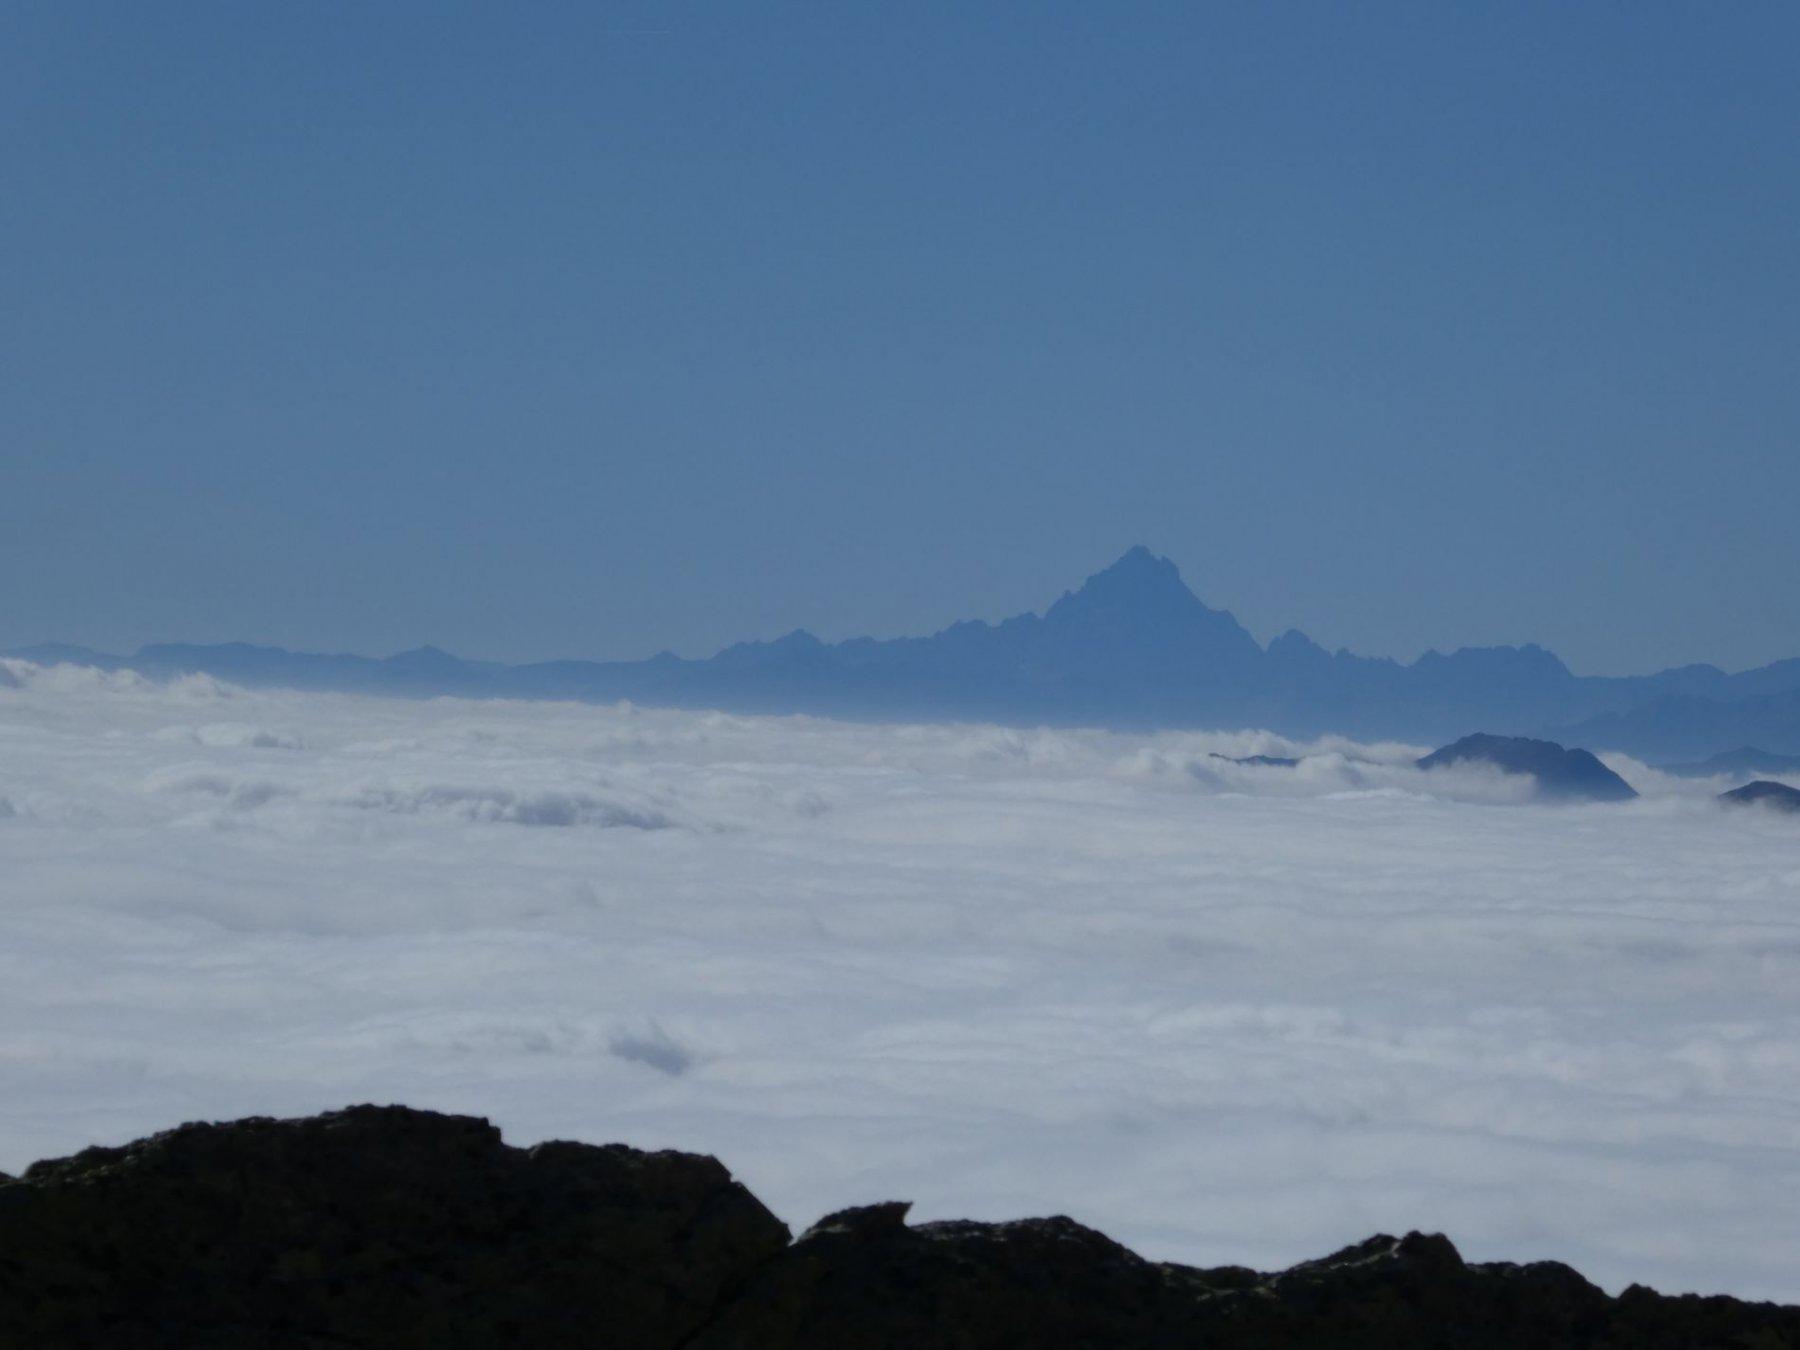 Monviso sopra la nebbia